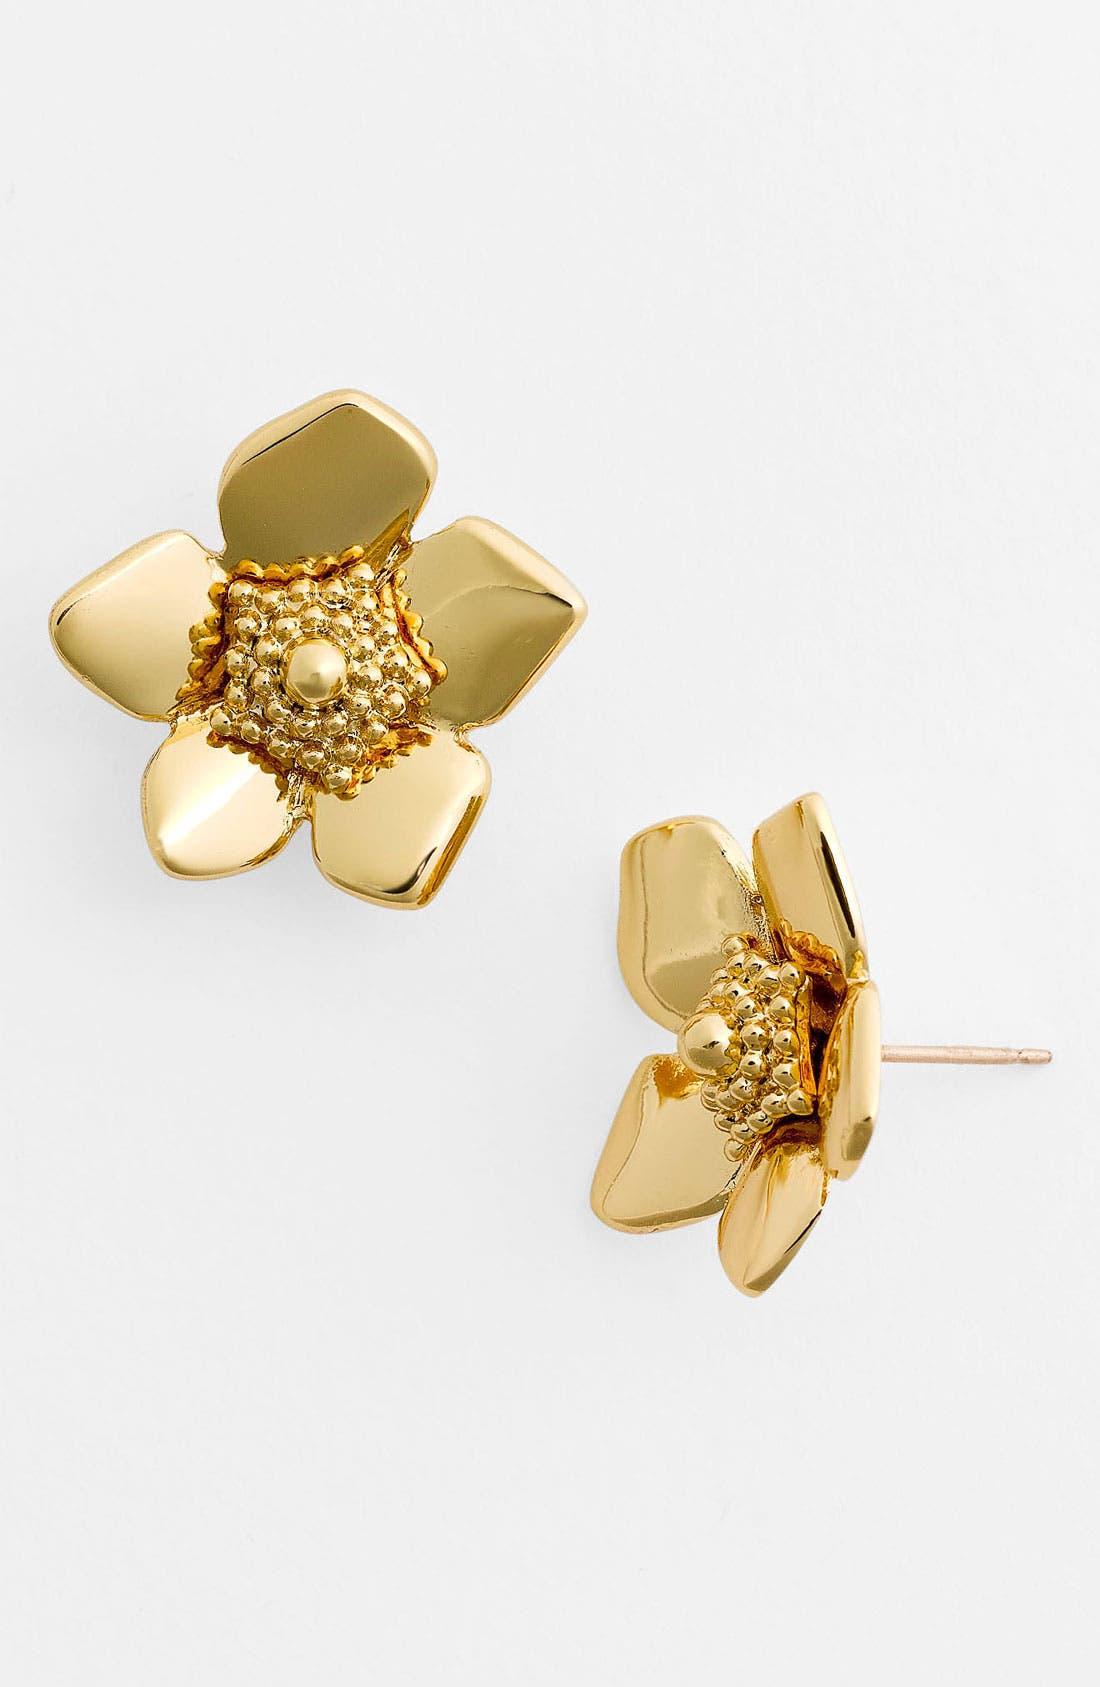 Alternate Image 1 Selected - kate spade new york 'bloomspot' stud earrings